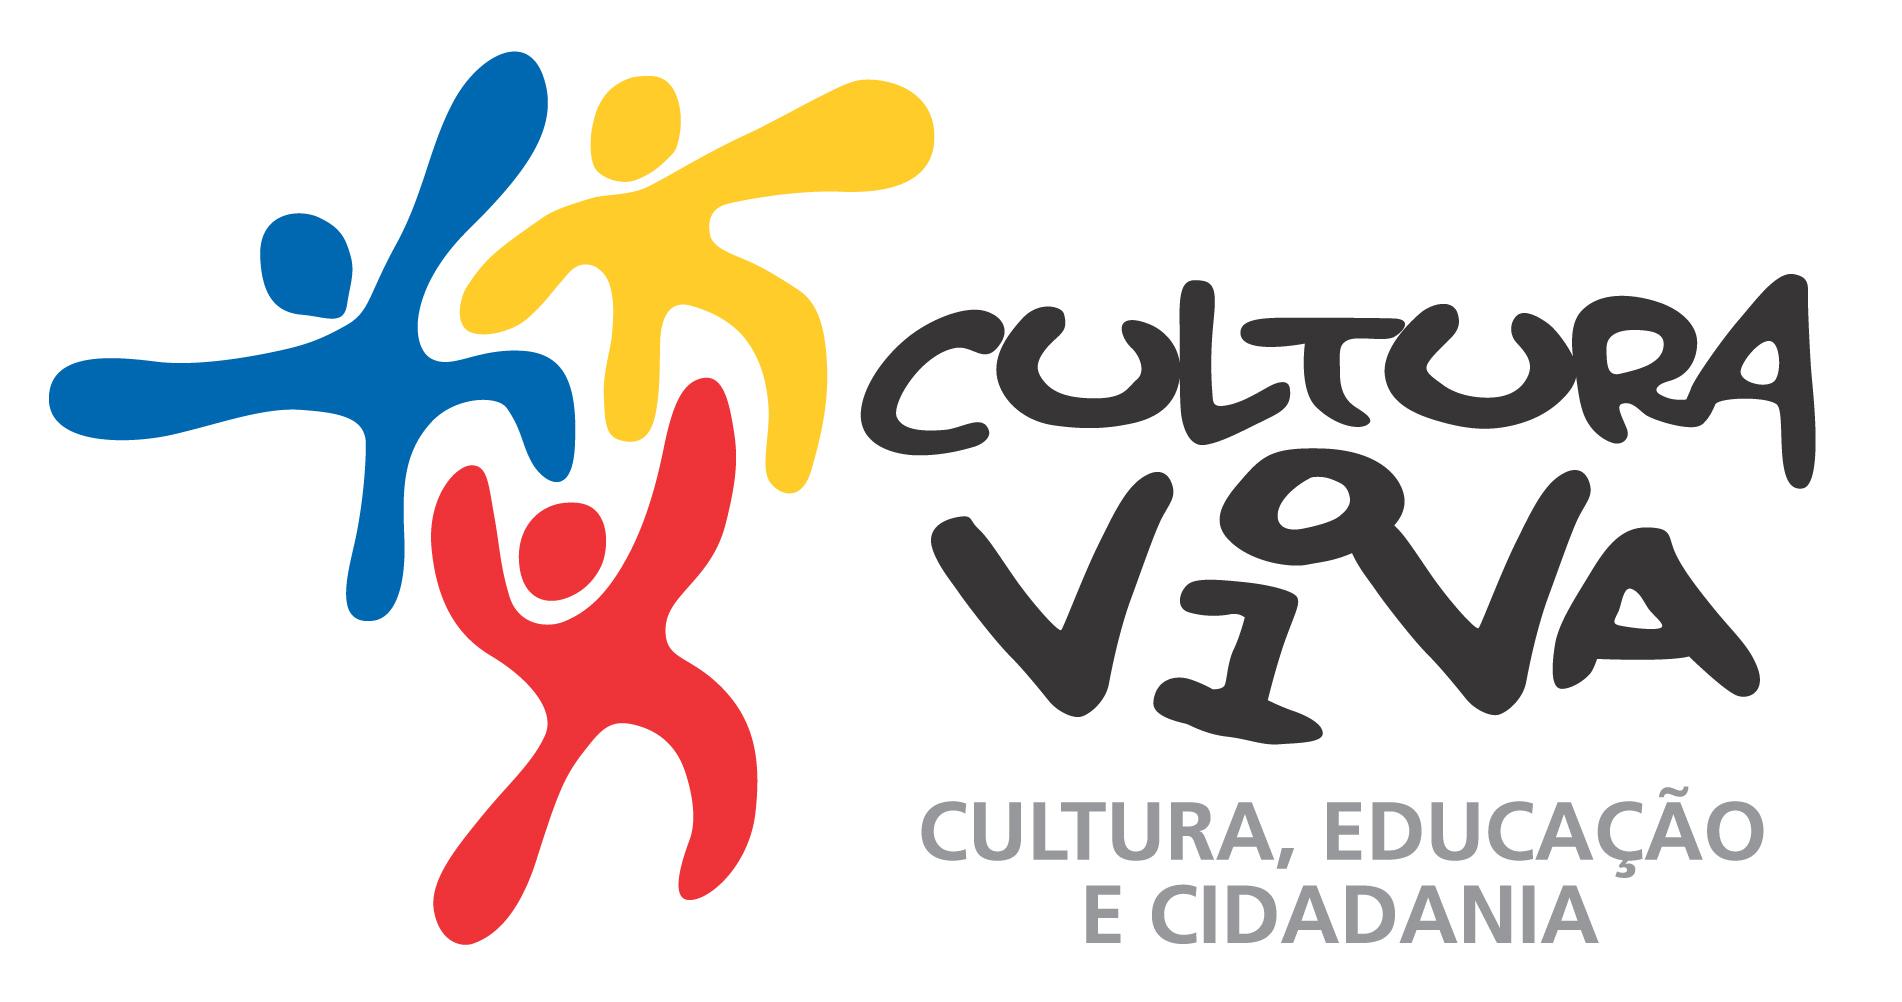 Pontos de Cultura de Curitiba se reúnem hoje para definir ações em 2014